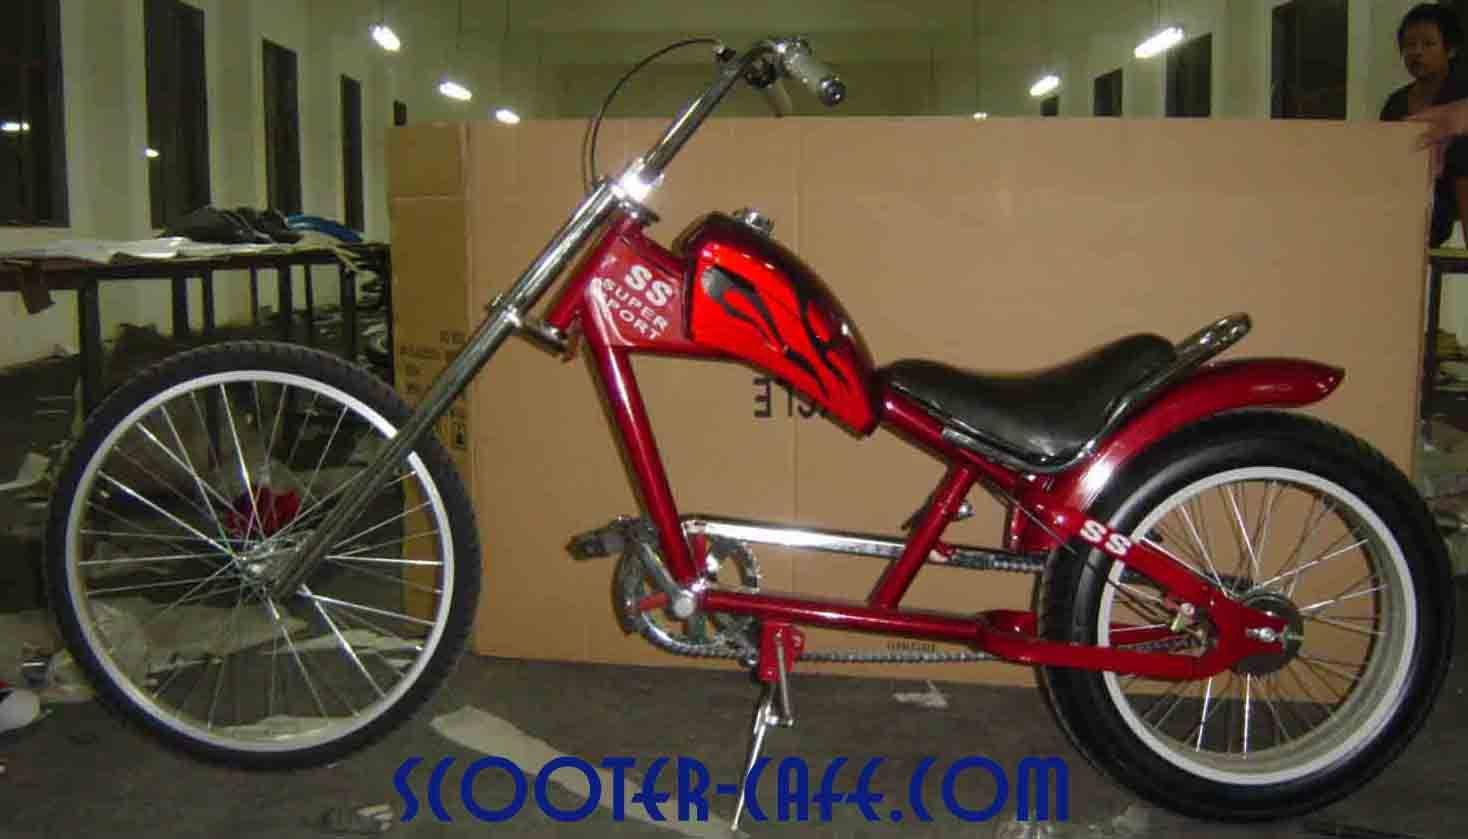 Toys car and bike  mbayharborproductImageChopperBikeChopperBike